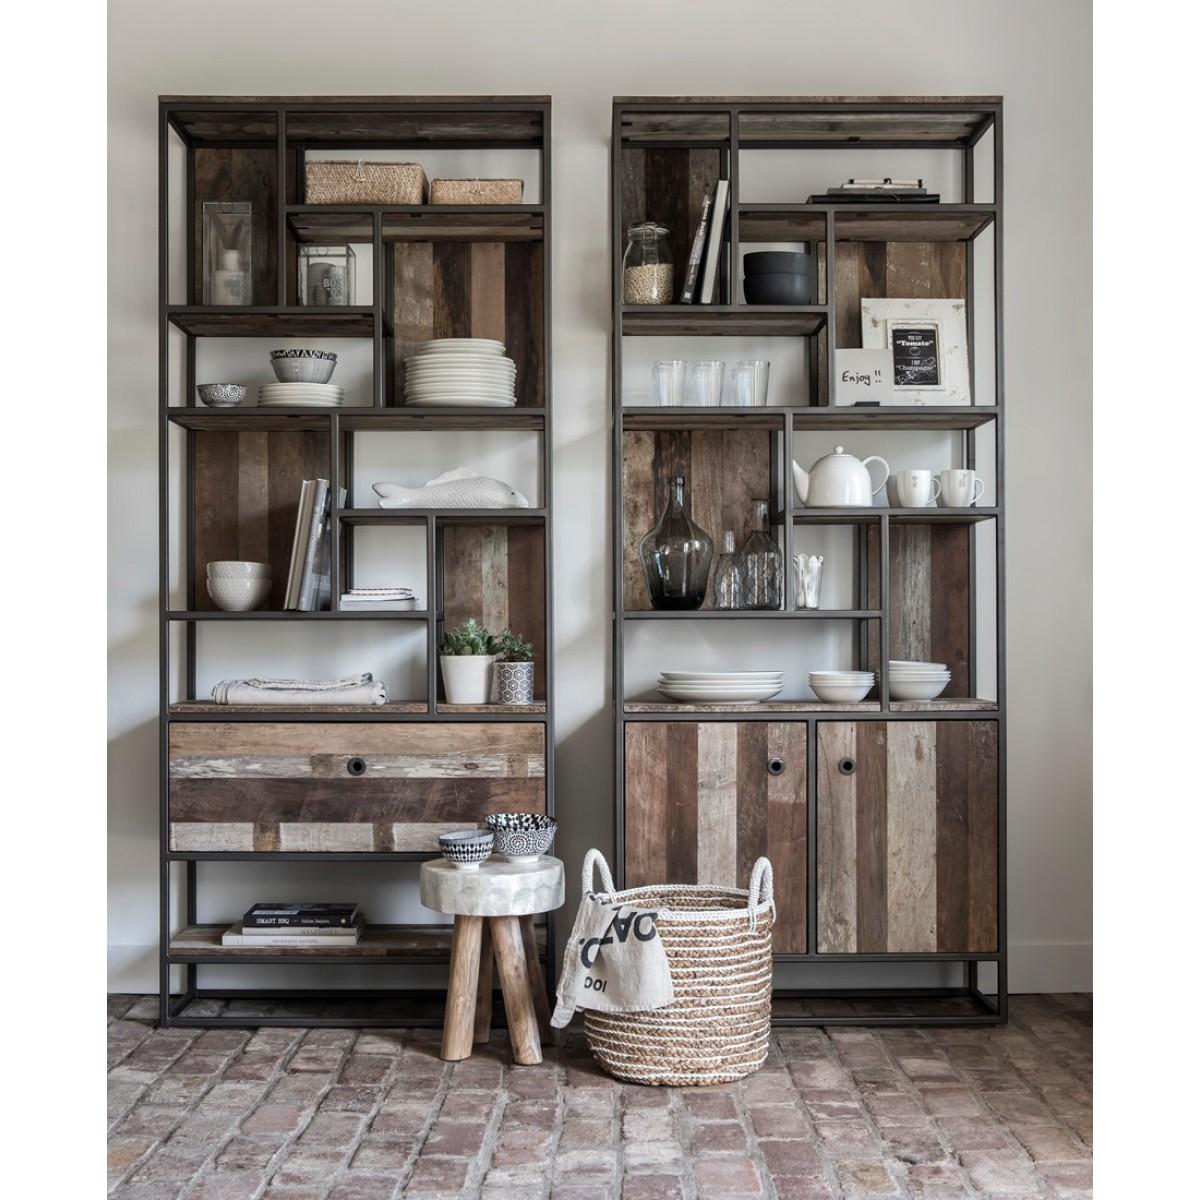 taureg-boekenkast-2-deuren-open-vakken-215x90x35-cm-miltonhouse3